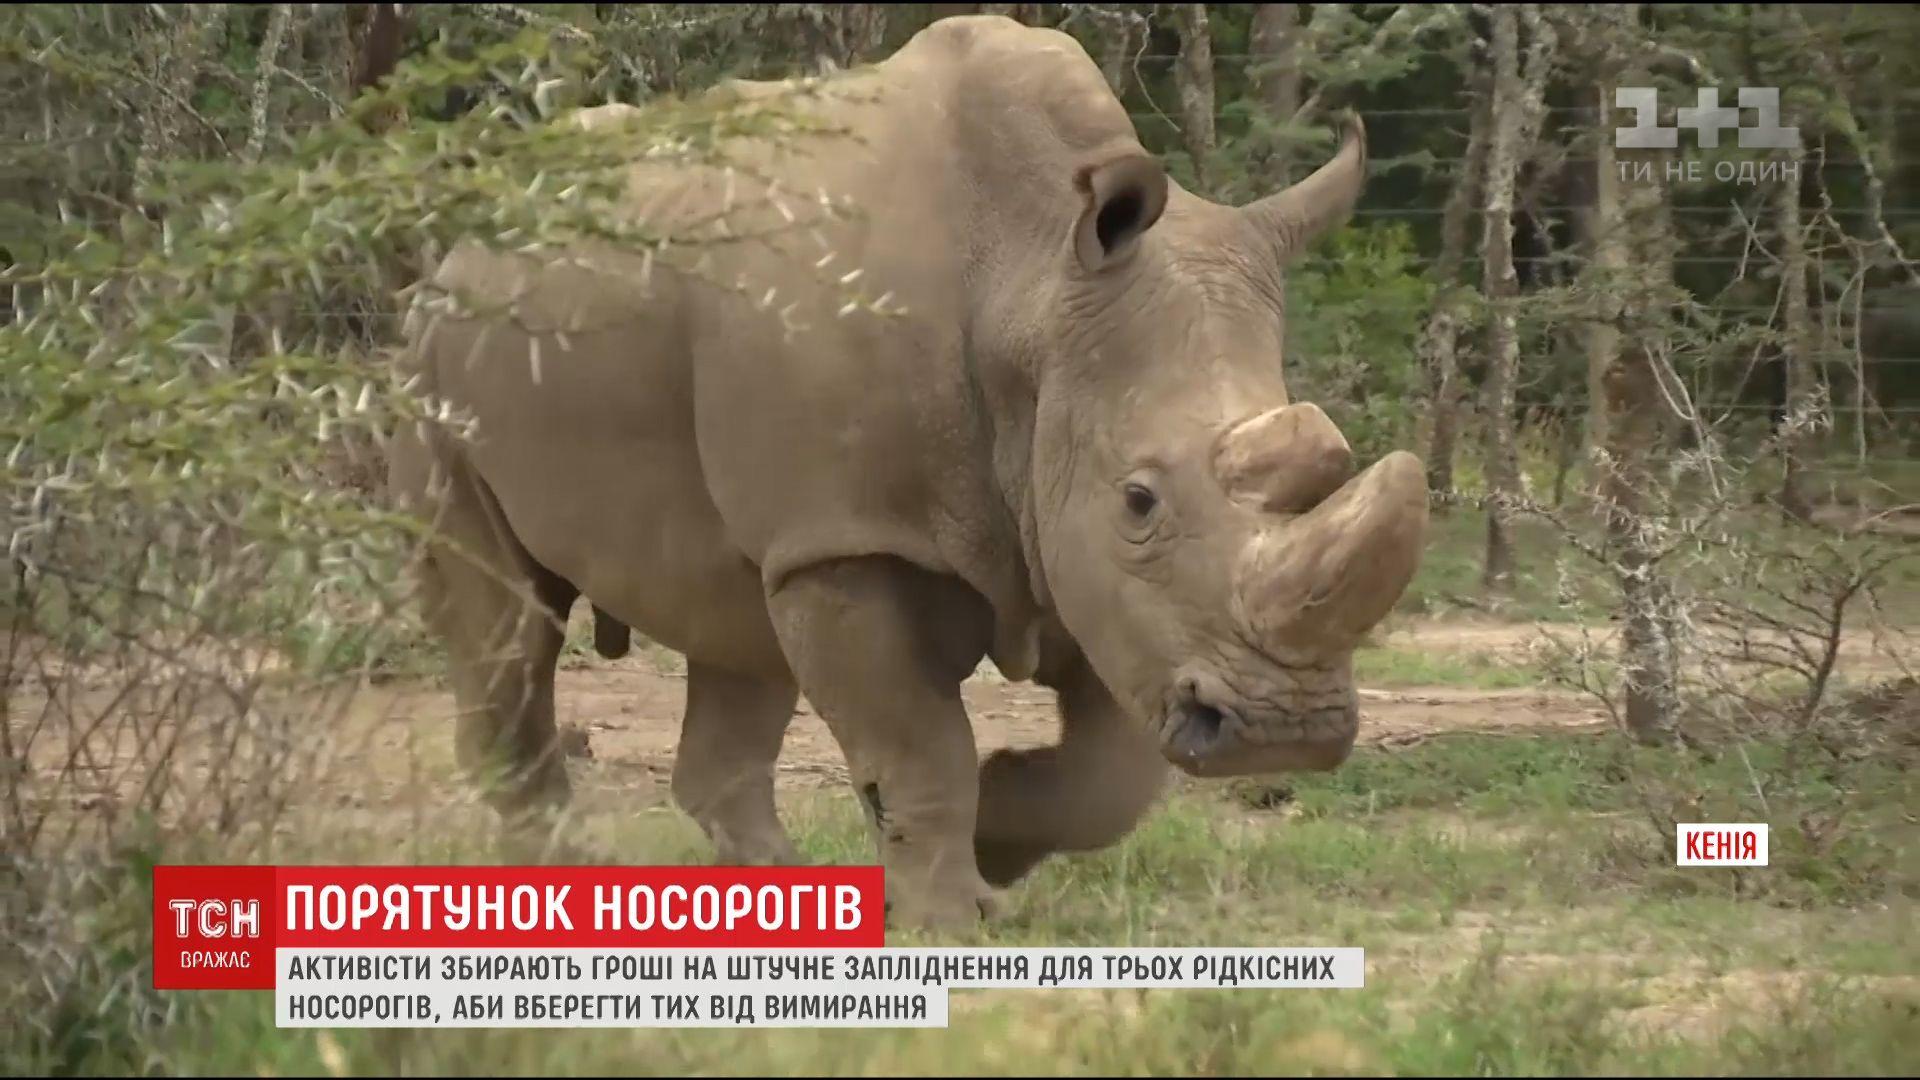 Зоологи планують врятувати ріщдкісний вид нлосорогів за допомогою процедури штучного запліднення / кадр з відео ТСН